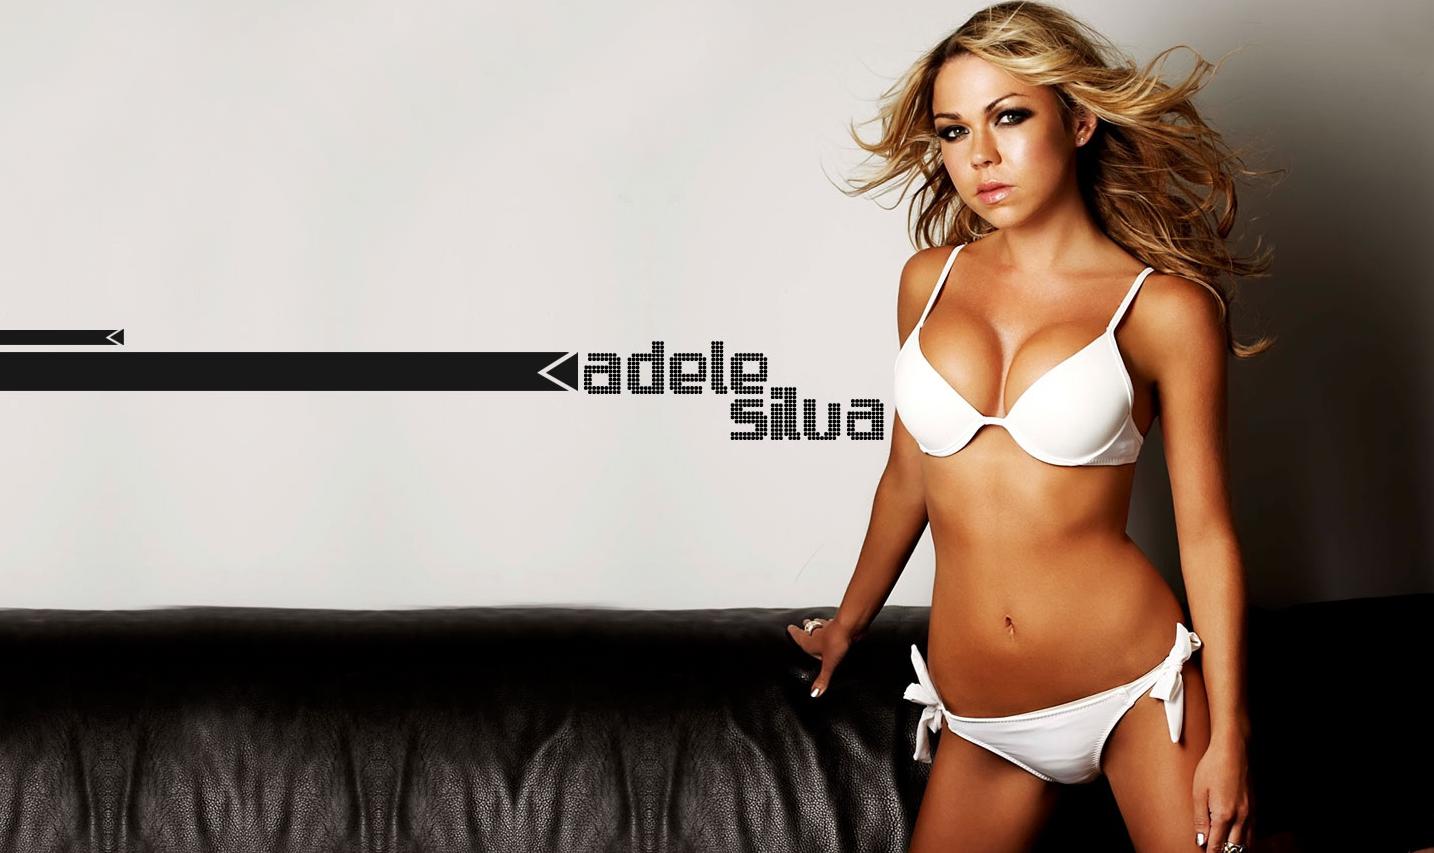 http://2.bp.blogspot.com/_iVee2DUZW3M/TMvHQBtcdlI/AAAAAAAACYs/wh38COQRq2o/s1600/adele+silva+hot+sexy.jpg